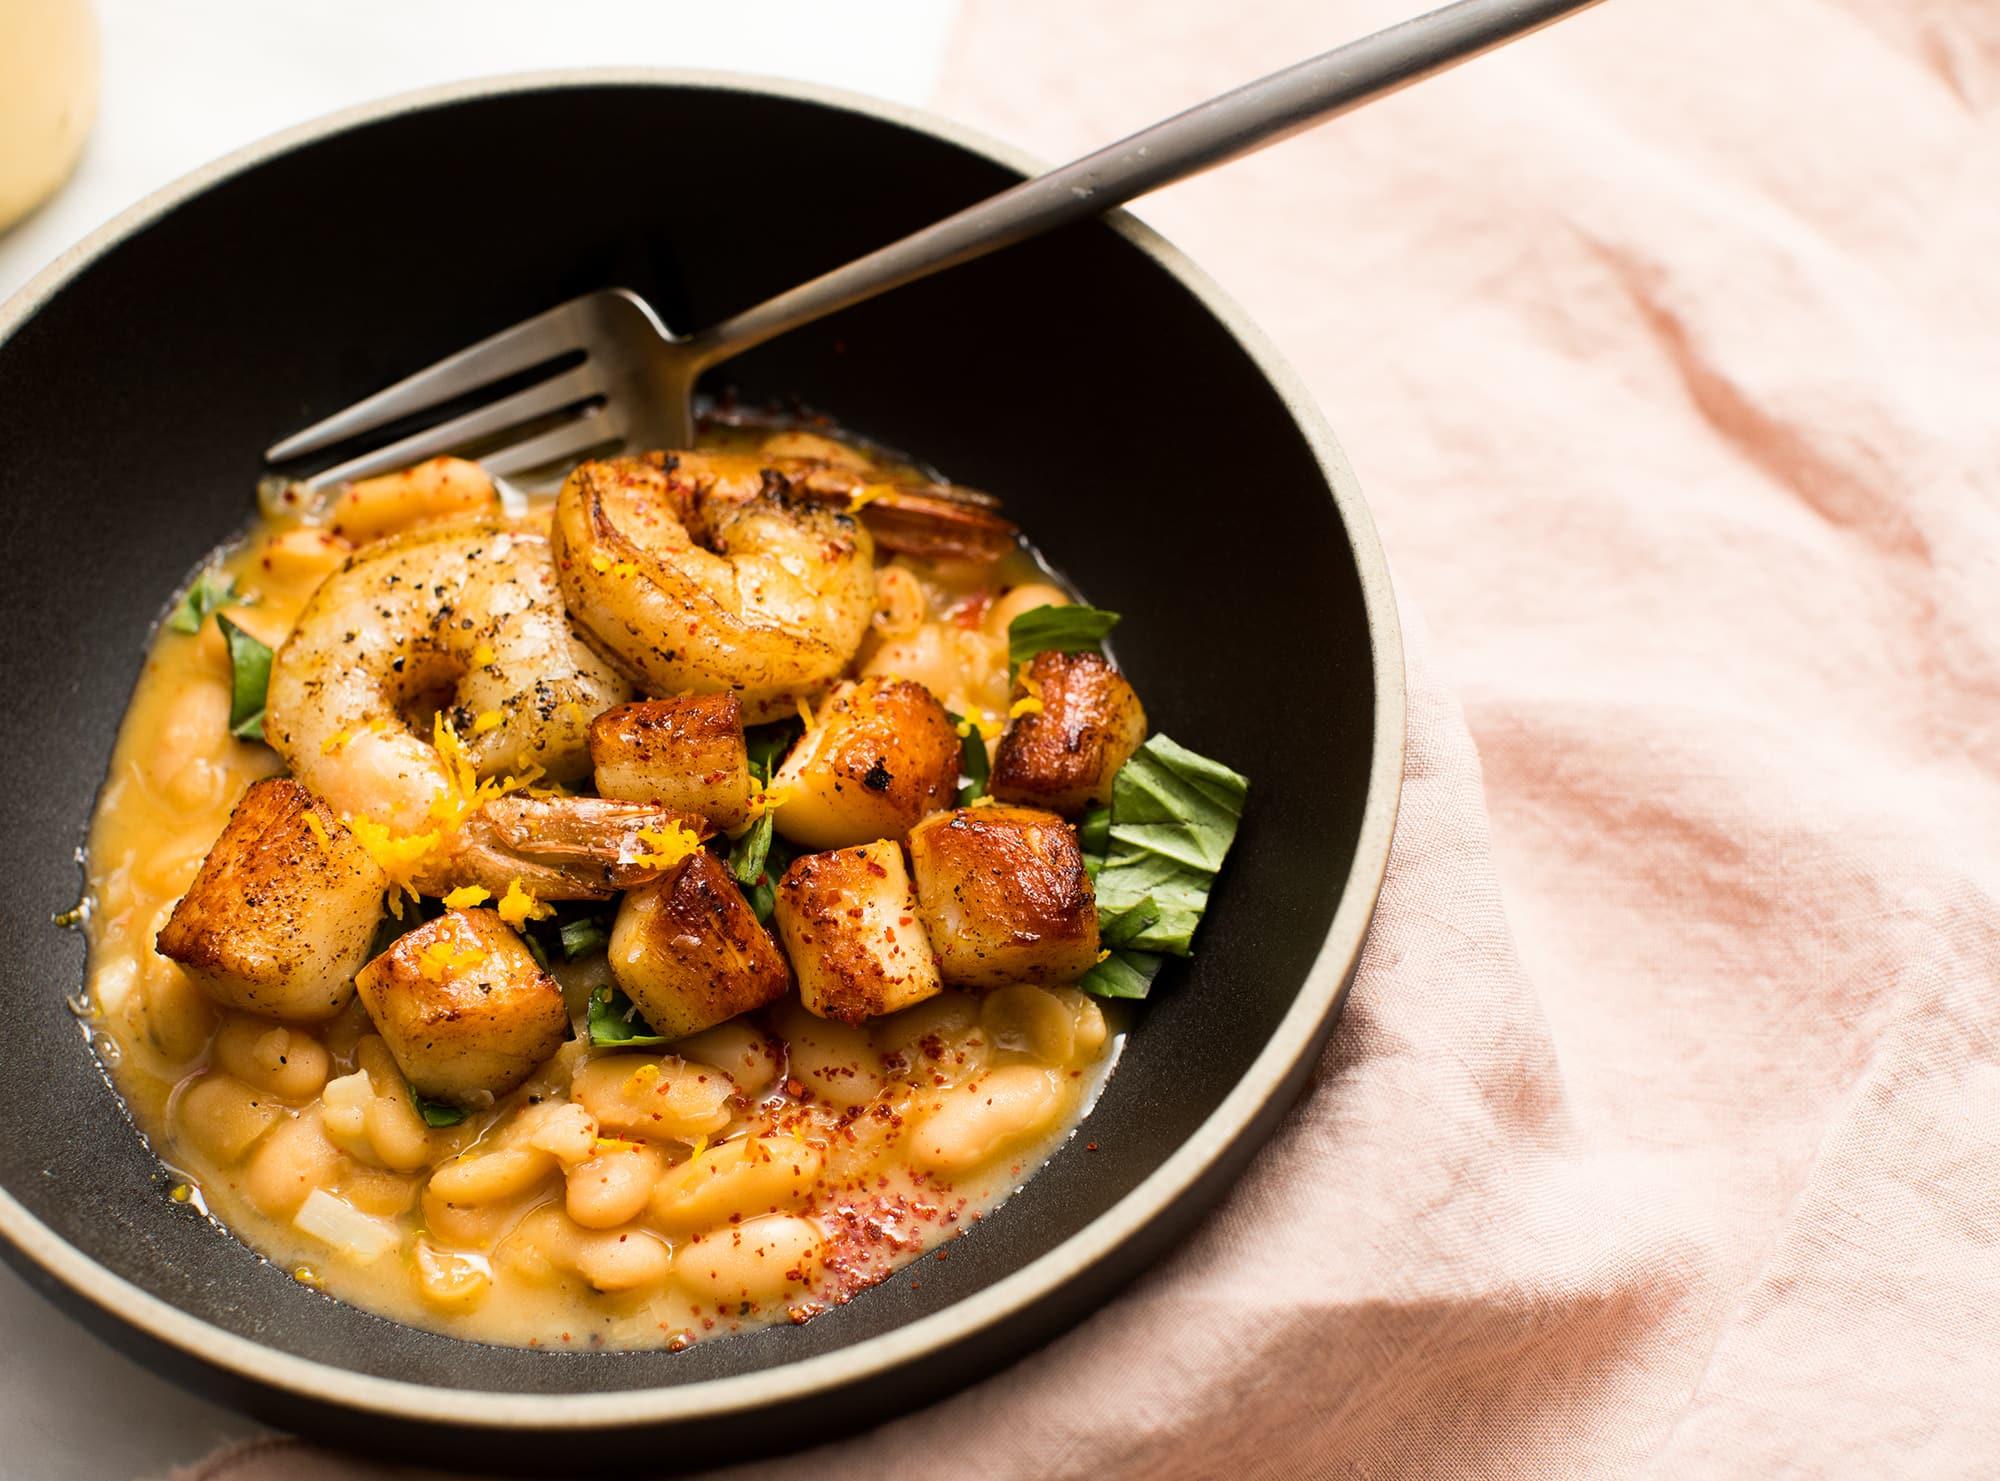 Bay scallop recipes